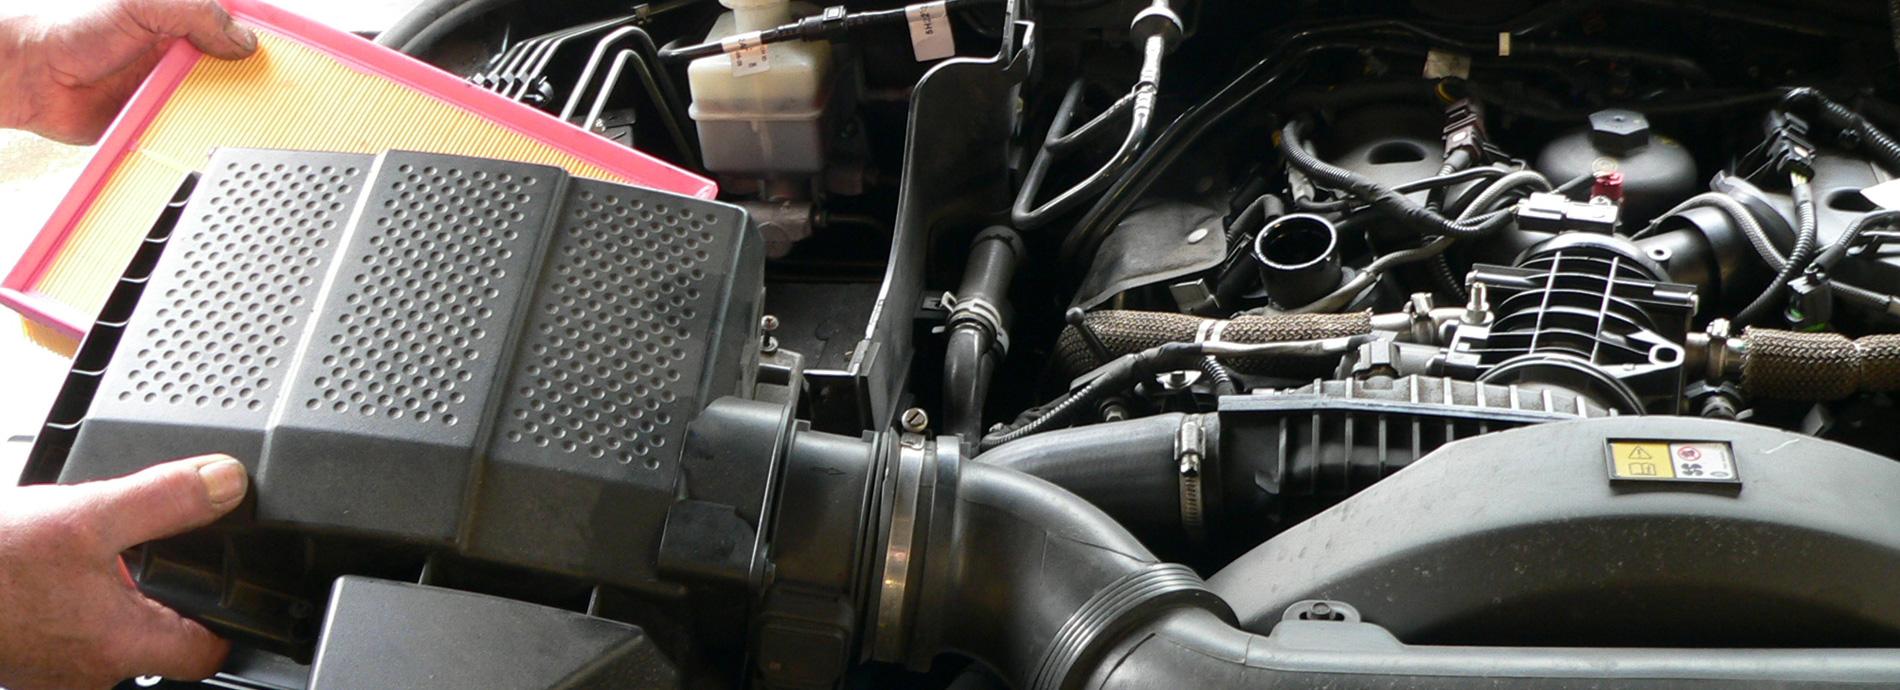 Car Parts Stevenage